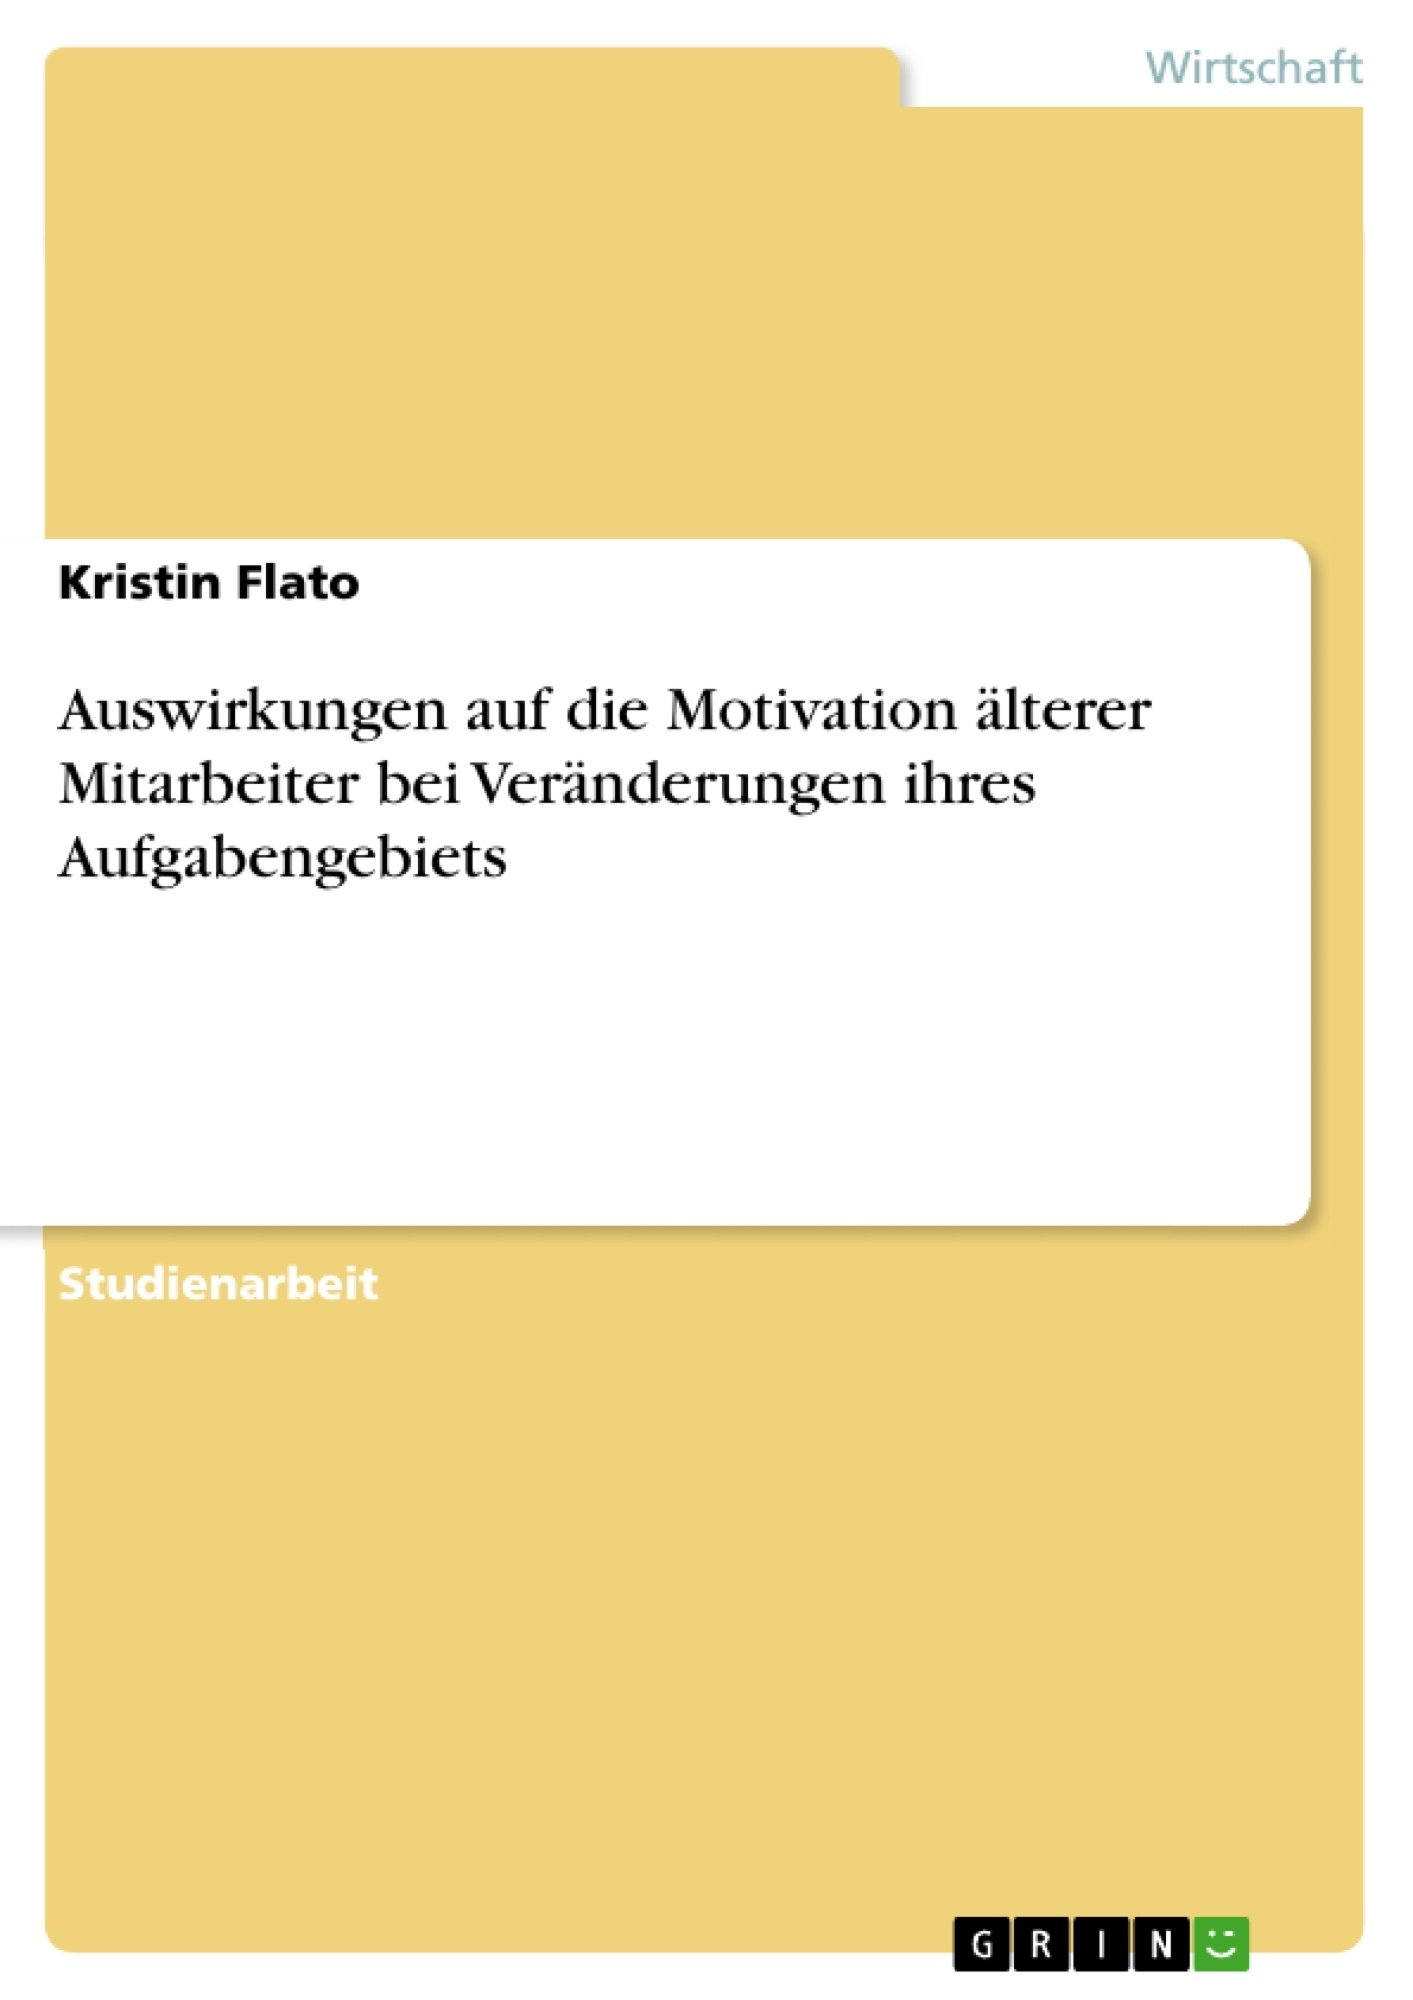 Titel: Auswirkungen auf die Motivation älterer Mitarbeiter bei Veränderungen ihres Aufgabengebiets